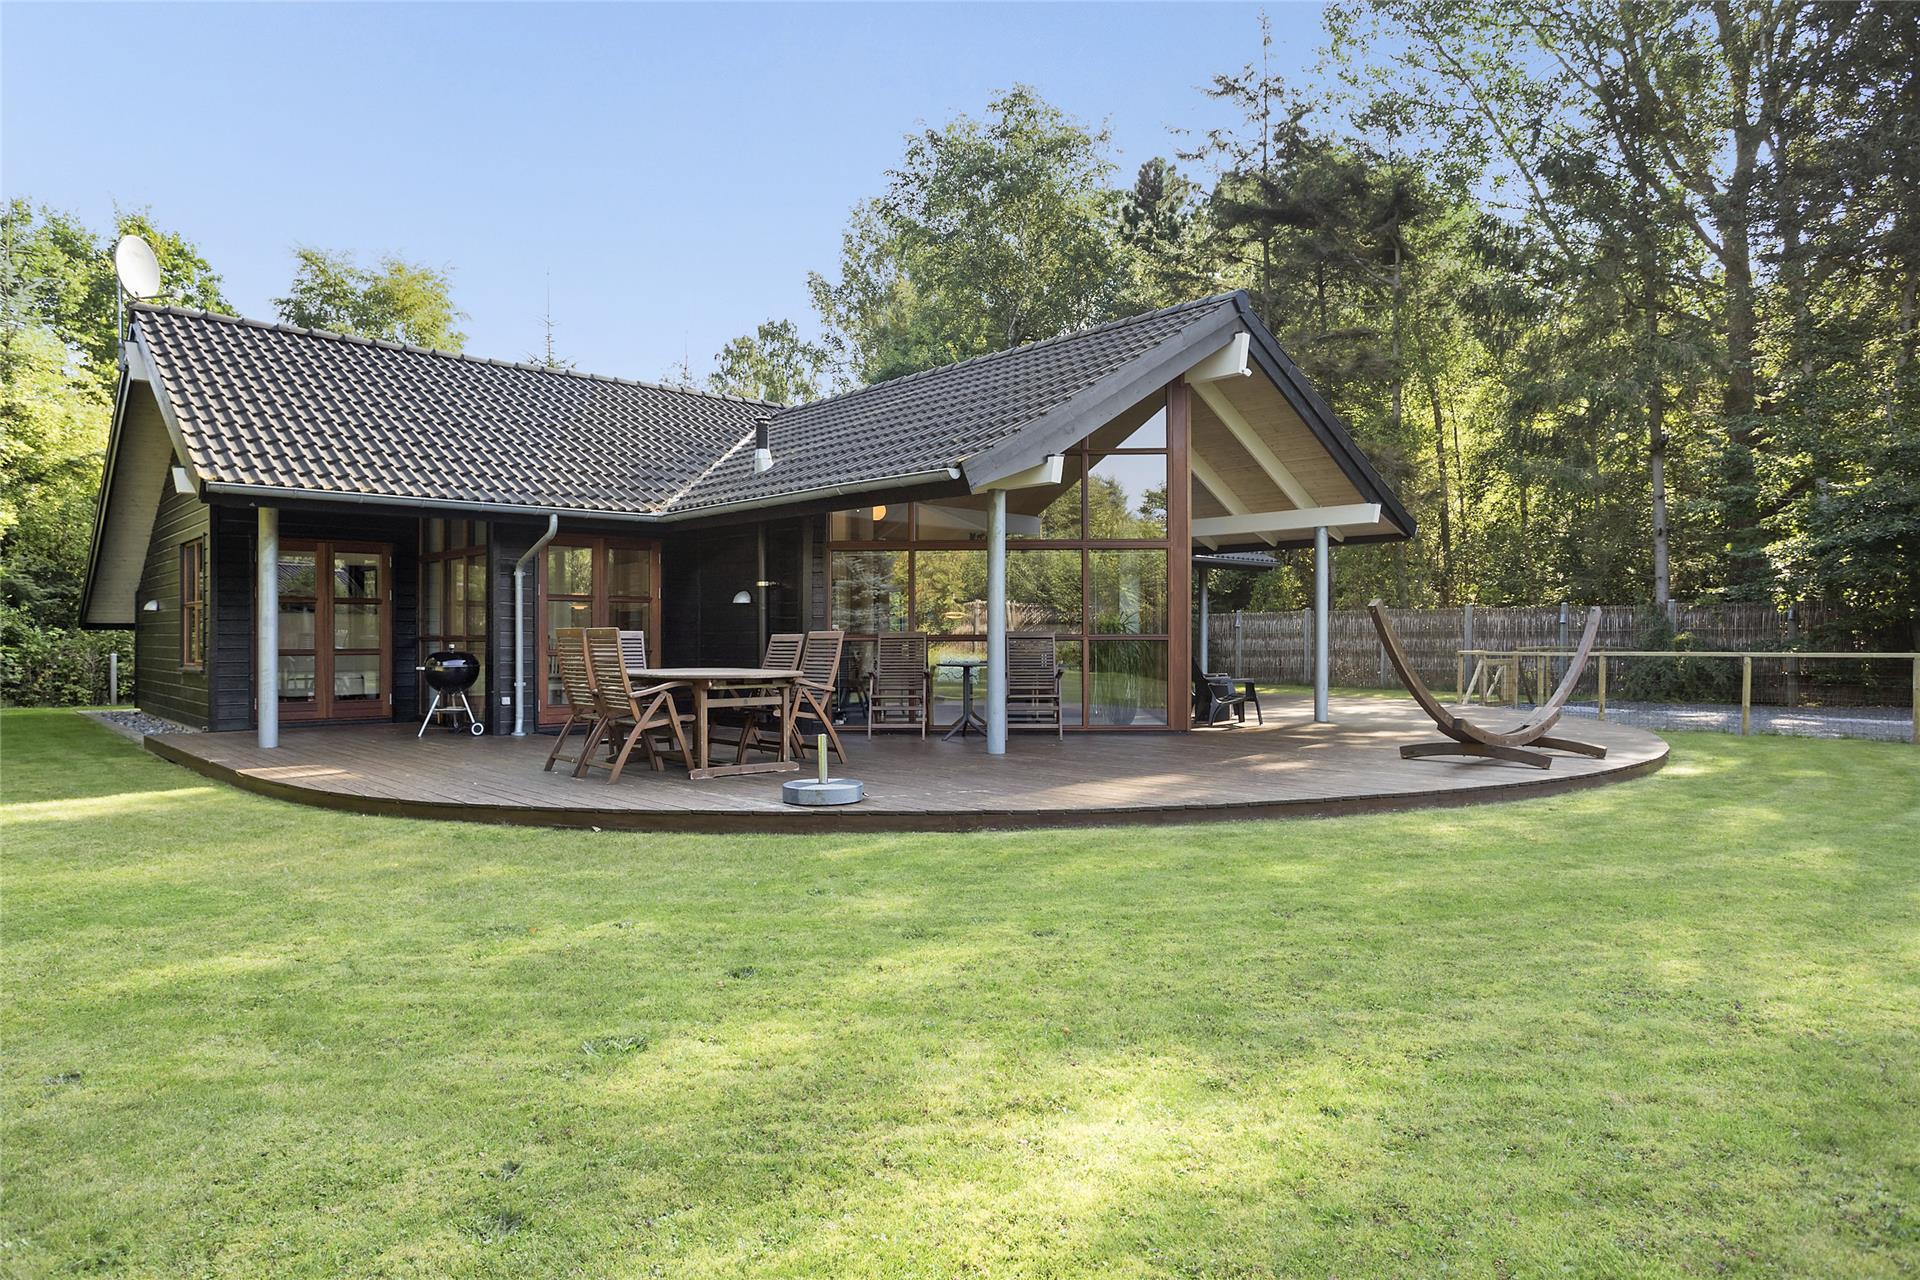 Ландшафтный дизайн с домом в скандинавском стиле